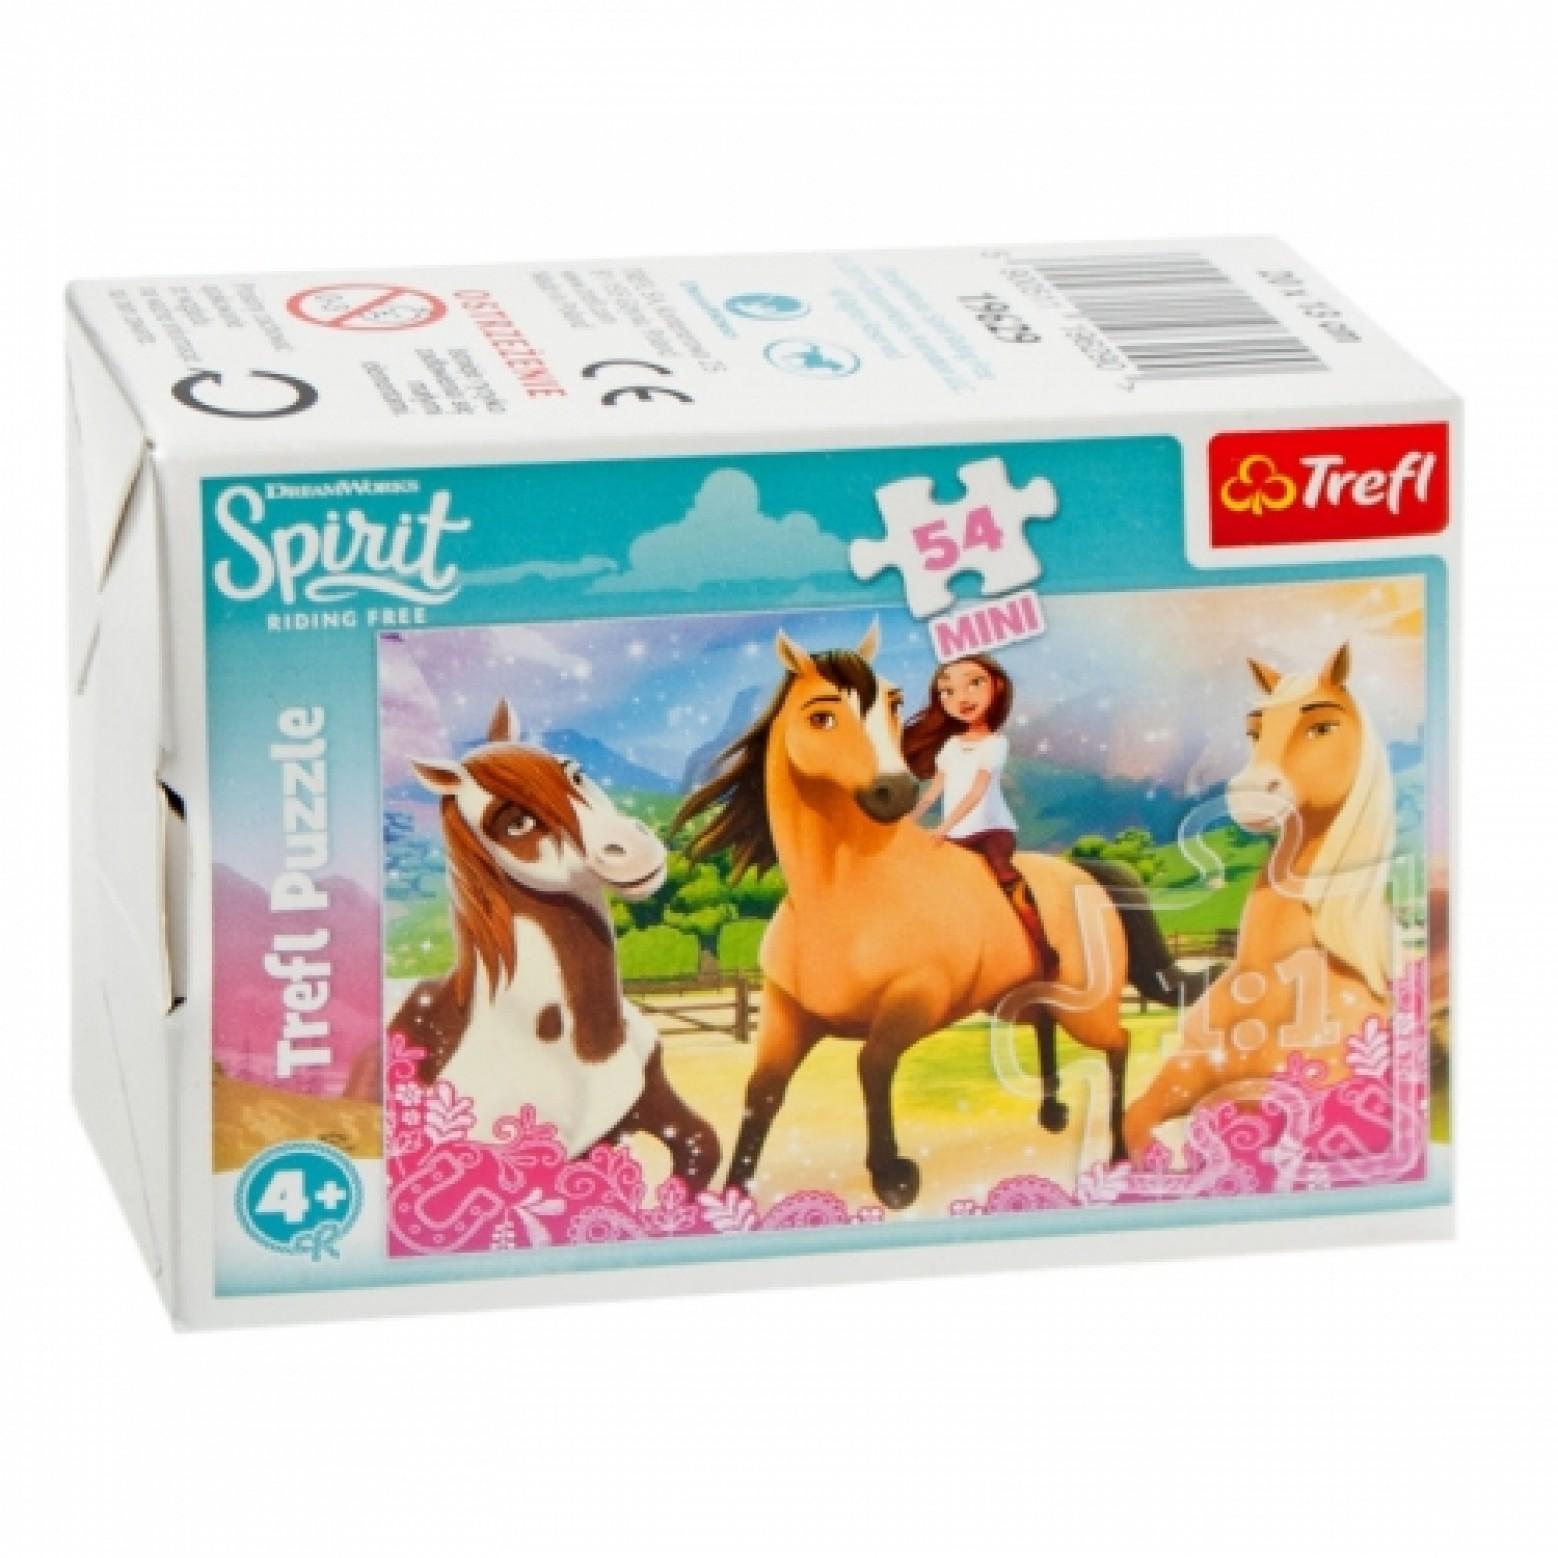 Spirit mini puzzels 2 stuks 54 stukjes 4+